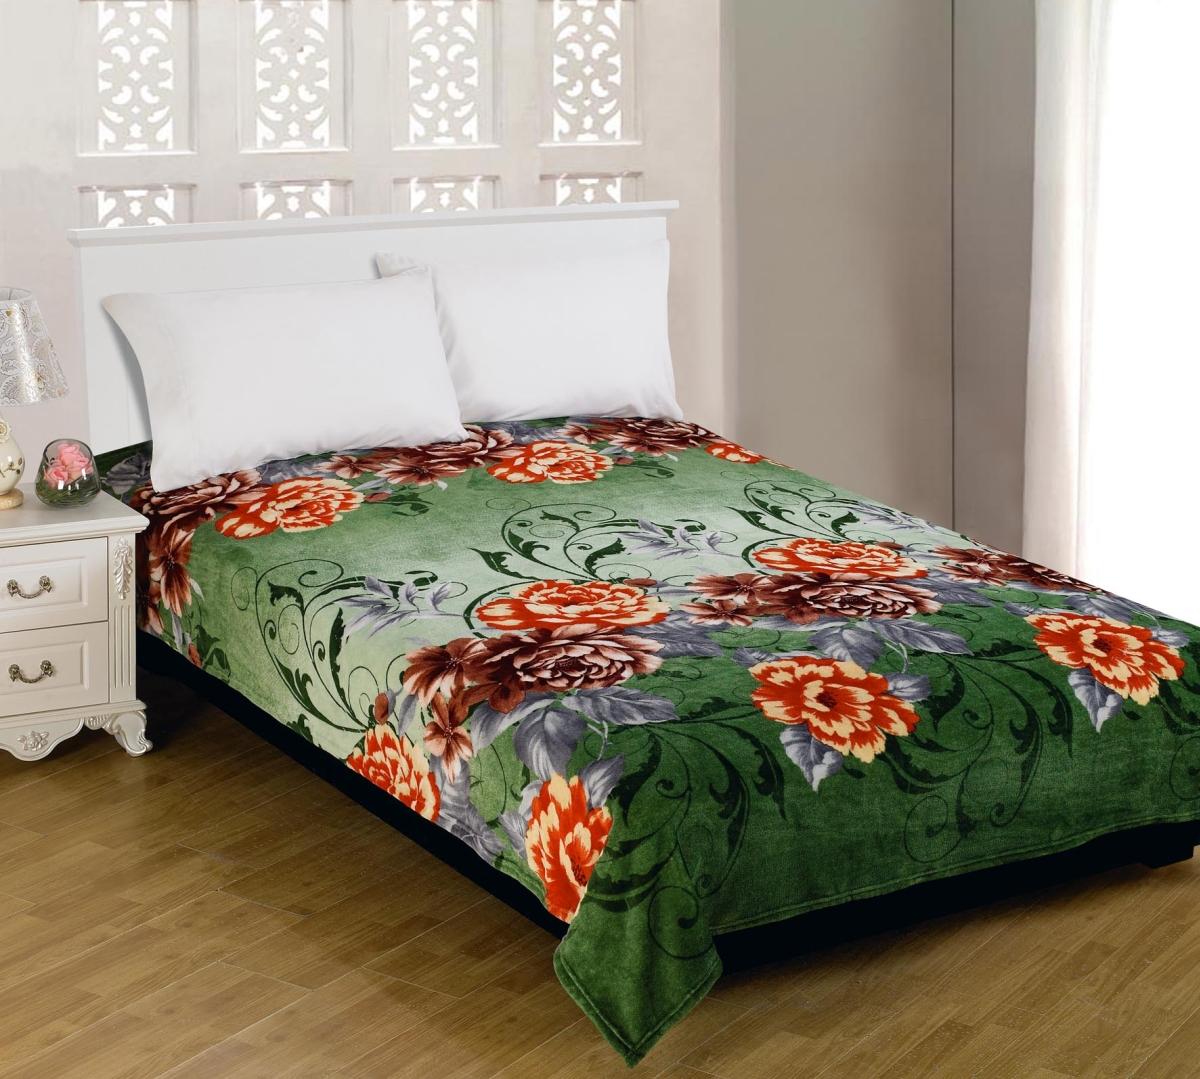 Плед Amore Mio Glamour, цвет: зеленый, желтый, коричневый, 150 х 200 см63223Мягкий, теплый и уютный плед Amore Mio Glamour изготовлен из фланели (100% полиэстер). Благодаря своей структуре плед отлично удерживает тепло, не накапливает статическое электричество. Фланель - мягкий материал, гипоаллергенен и экологичен. Благодаря уникальной технологии окрашивания, плед прекрасно отстирывается, не линяет и не скатывается. Изделие легко стирается, быстро сохнет и практически не мнется.